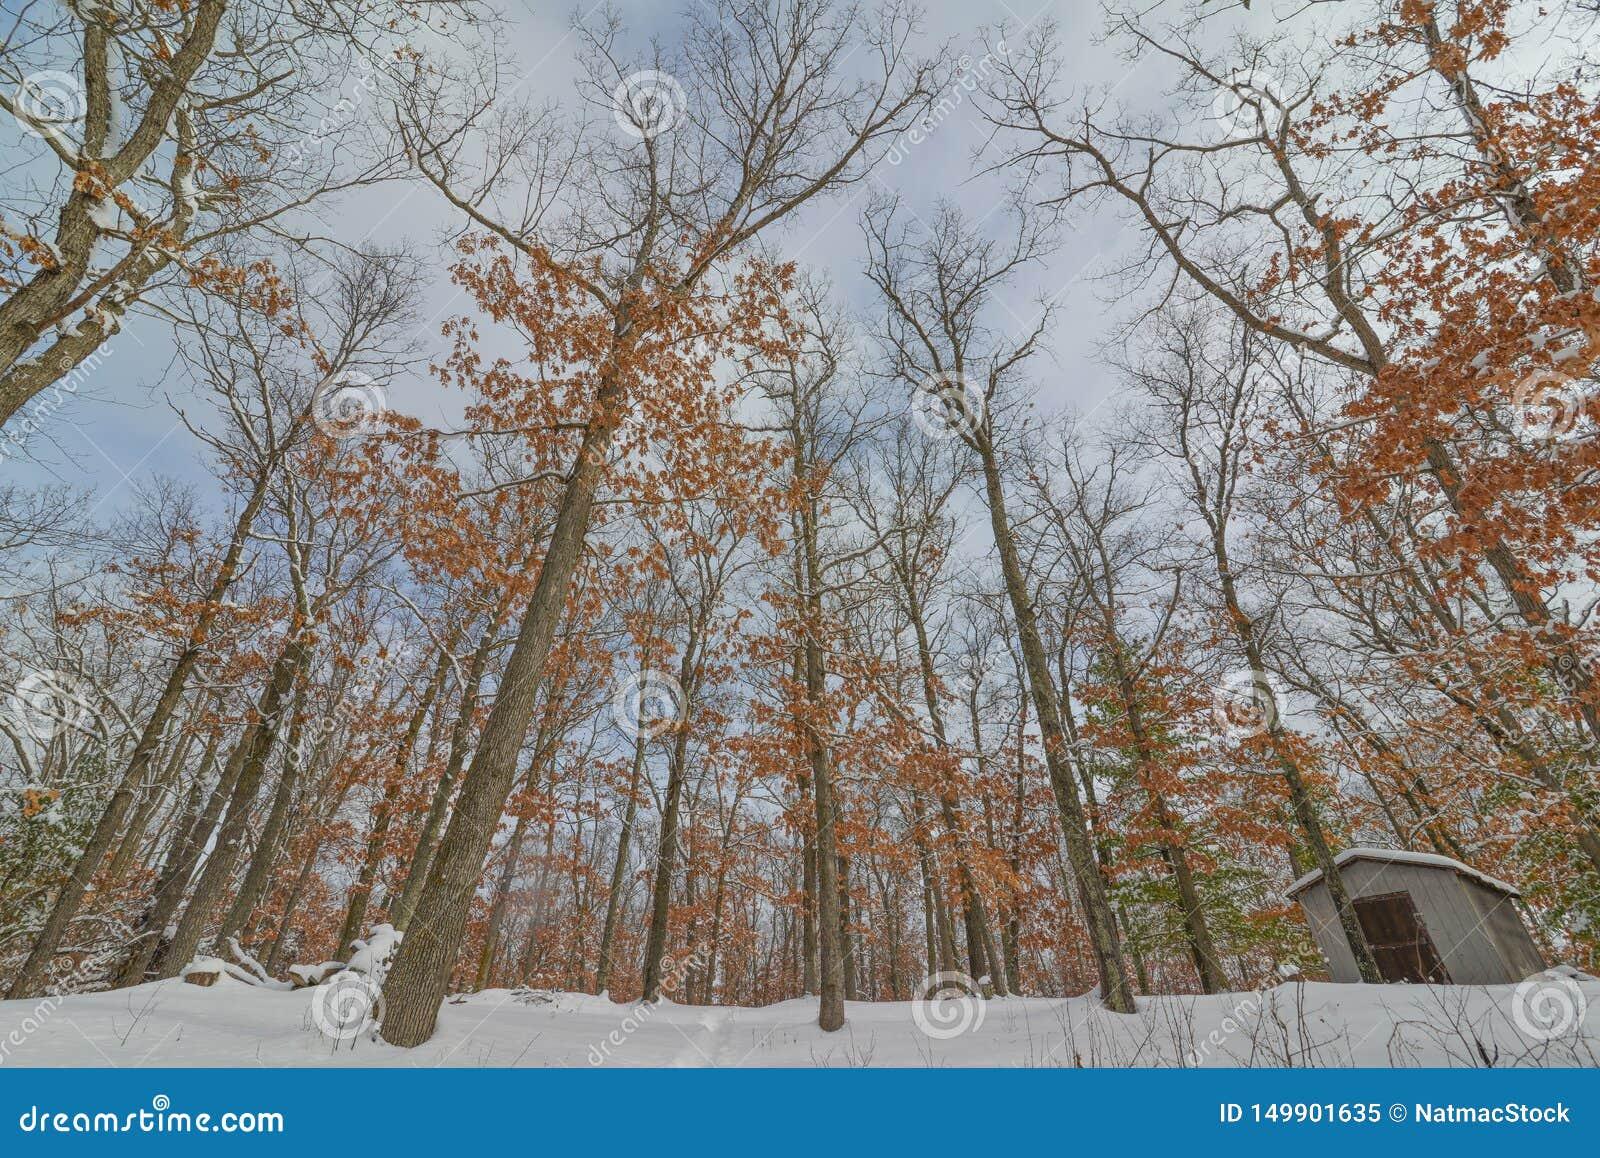 Deciduous drzewa las w zimie blisko gubernatora Knowles stanu lasu w Północnym Wisconsin - ziemia patrzeje do drzew i